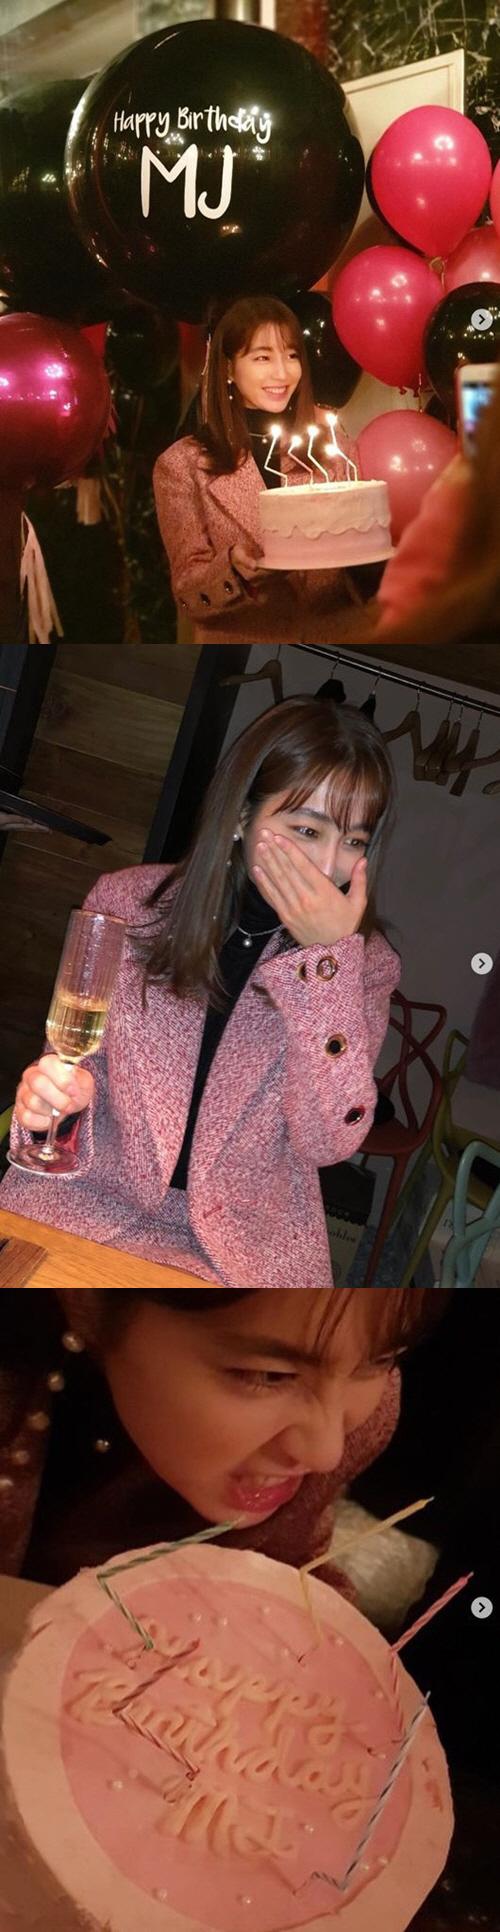 '이병헌♥' 이민정 '미리 생일 파티..고마워 칭구들아' 빛나는 미모